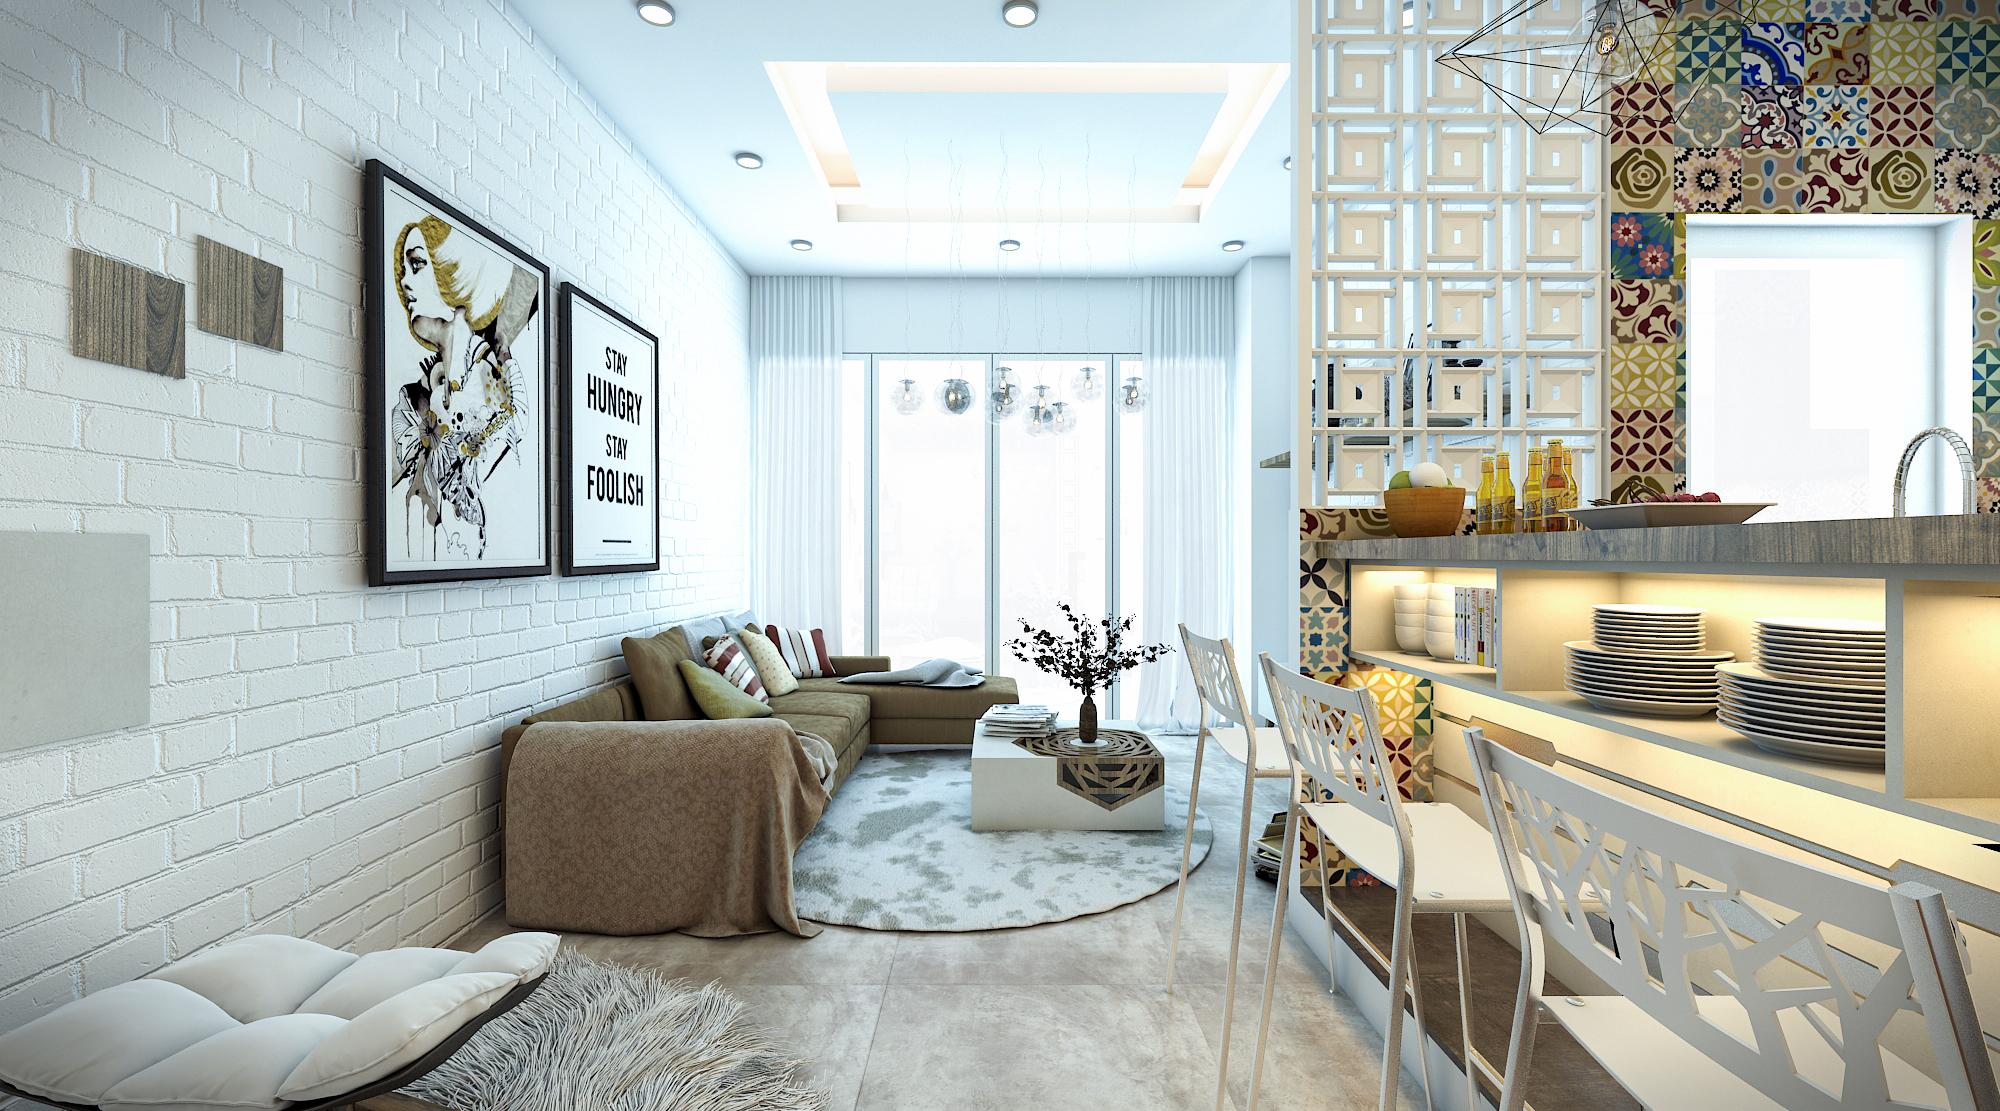 thiết kế nội thất chung cư tại Hồ Chí Minh Ms. Ly Apartment 6 1562574639